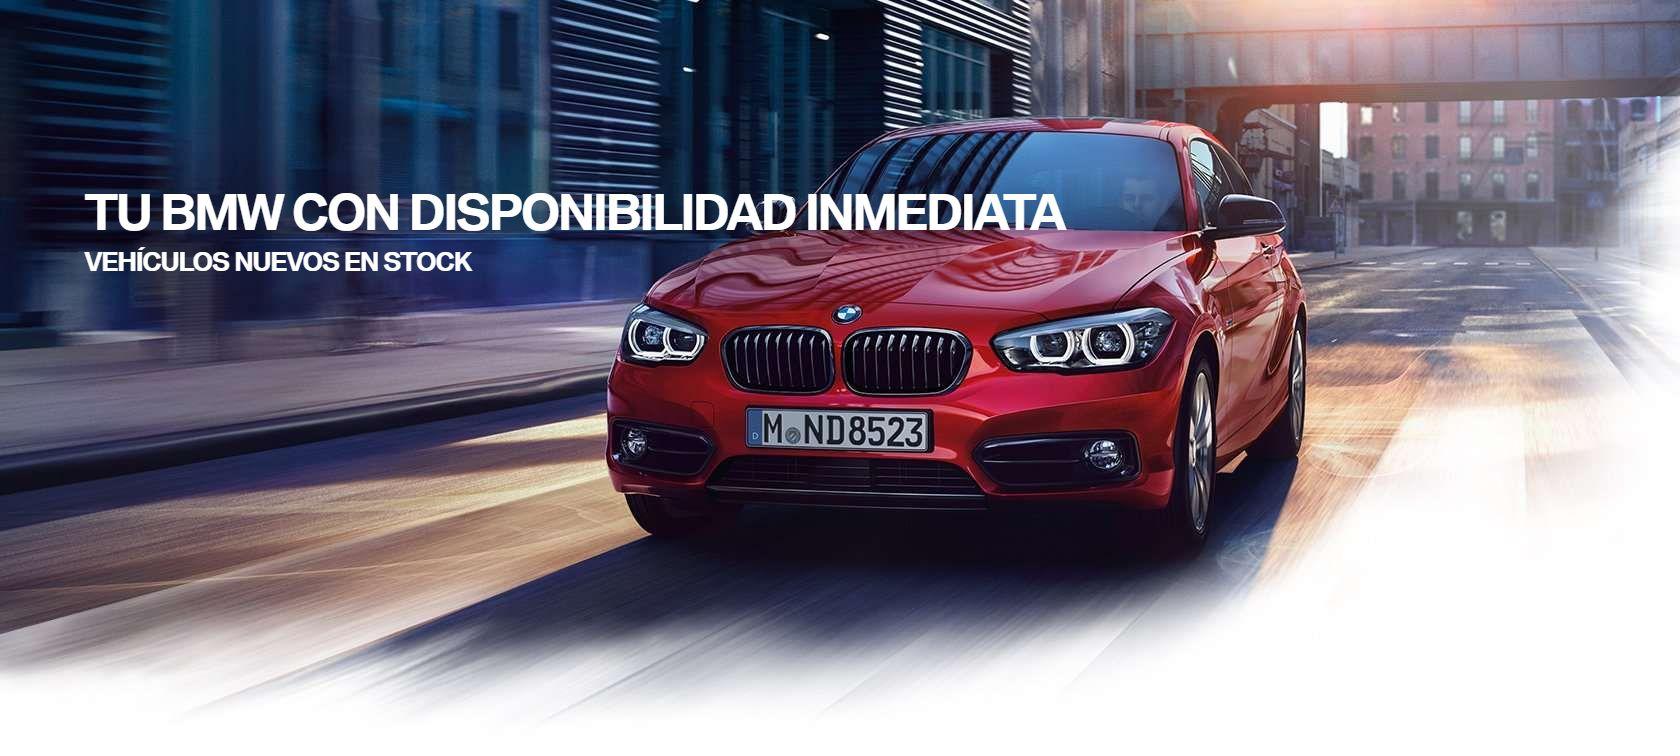 TU BMW CON DISPONIBILIDAD INMEDIATA